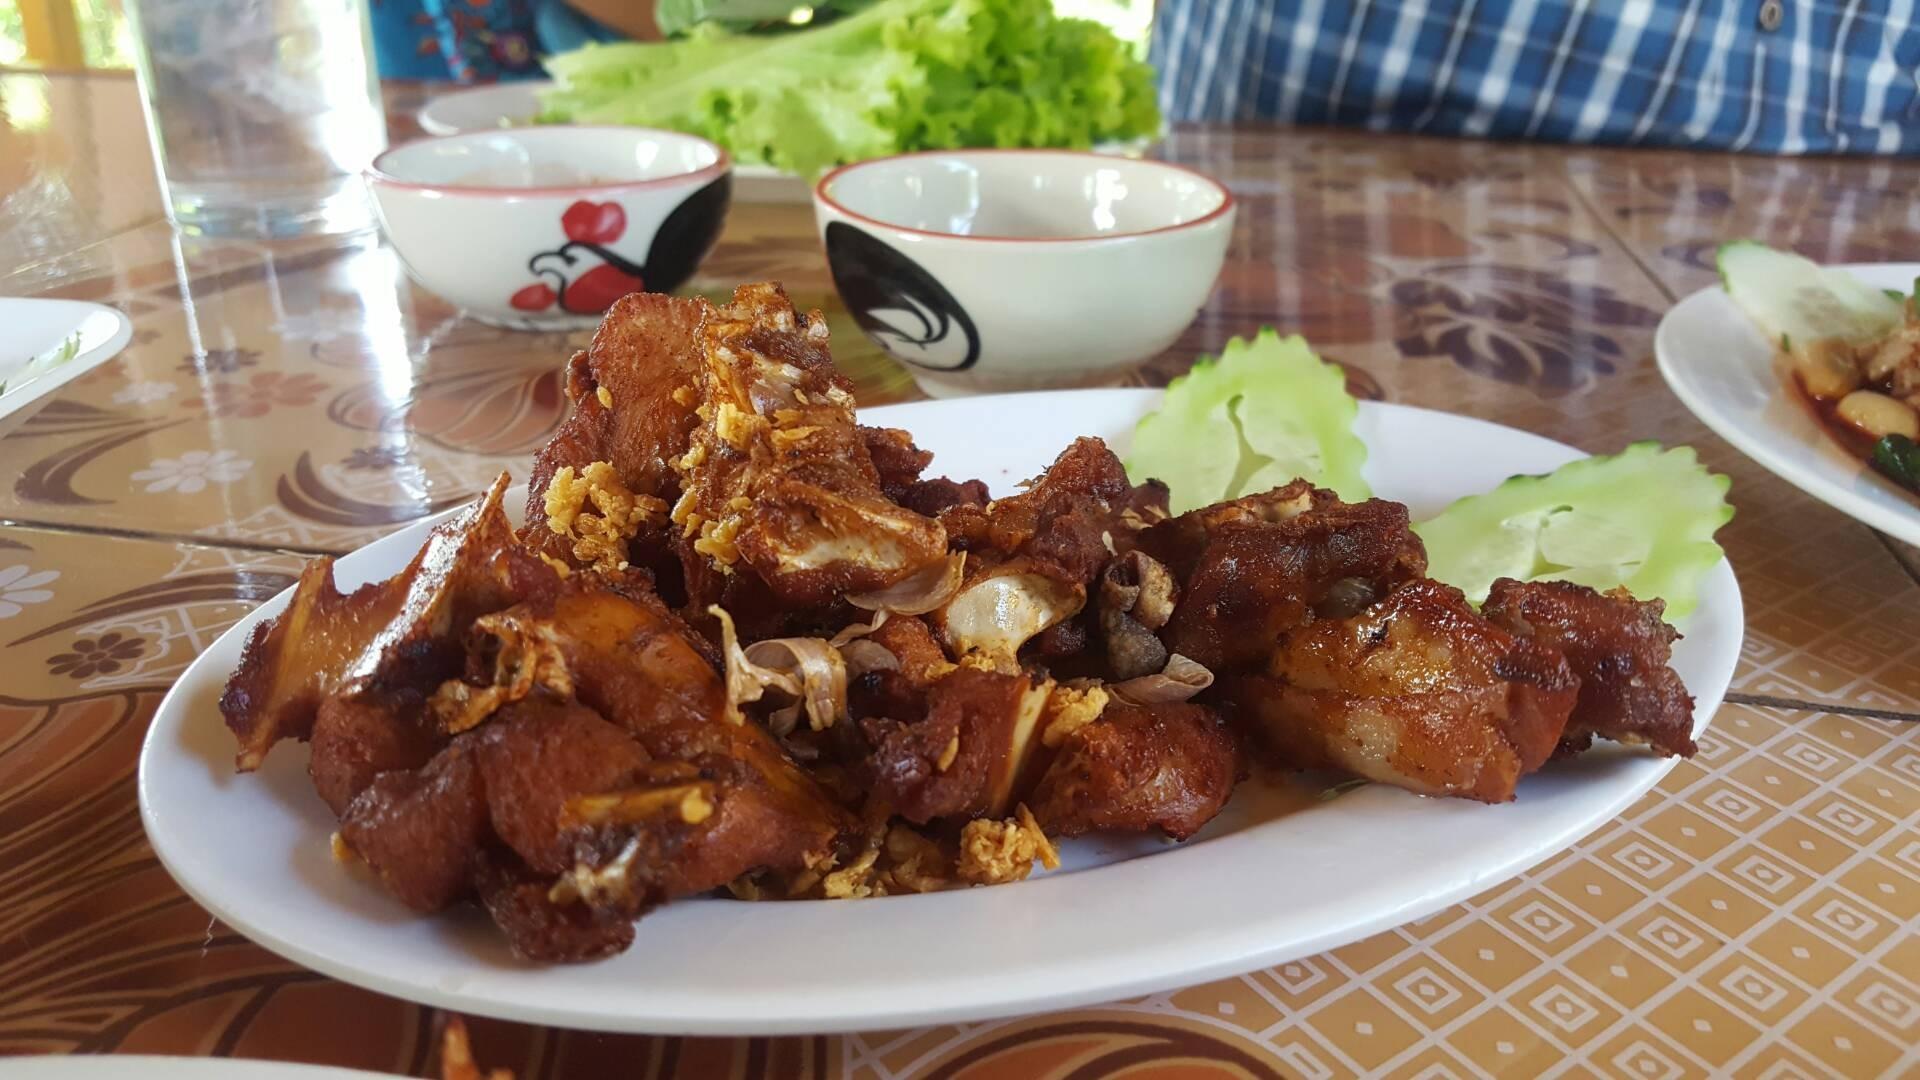 เนื้อเหนียวกว่าไก่ทั่วไป แต่แทะมันส์มาก ควรกินตอนร้อนๆ